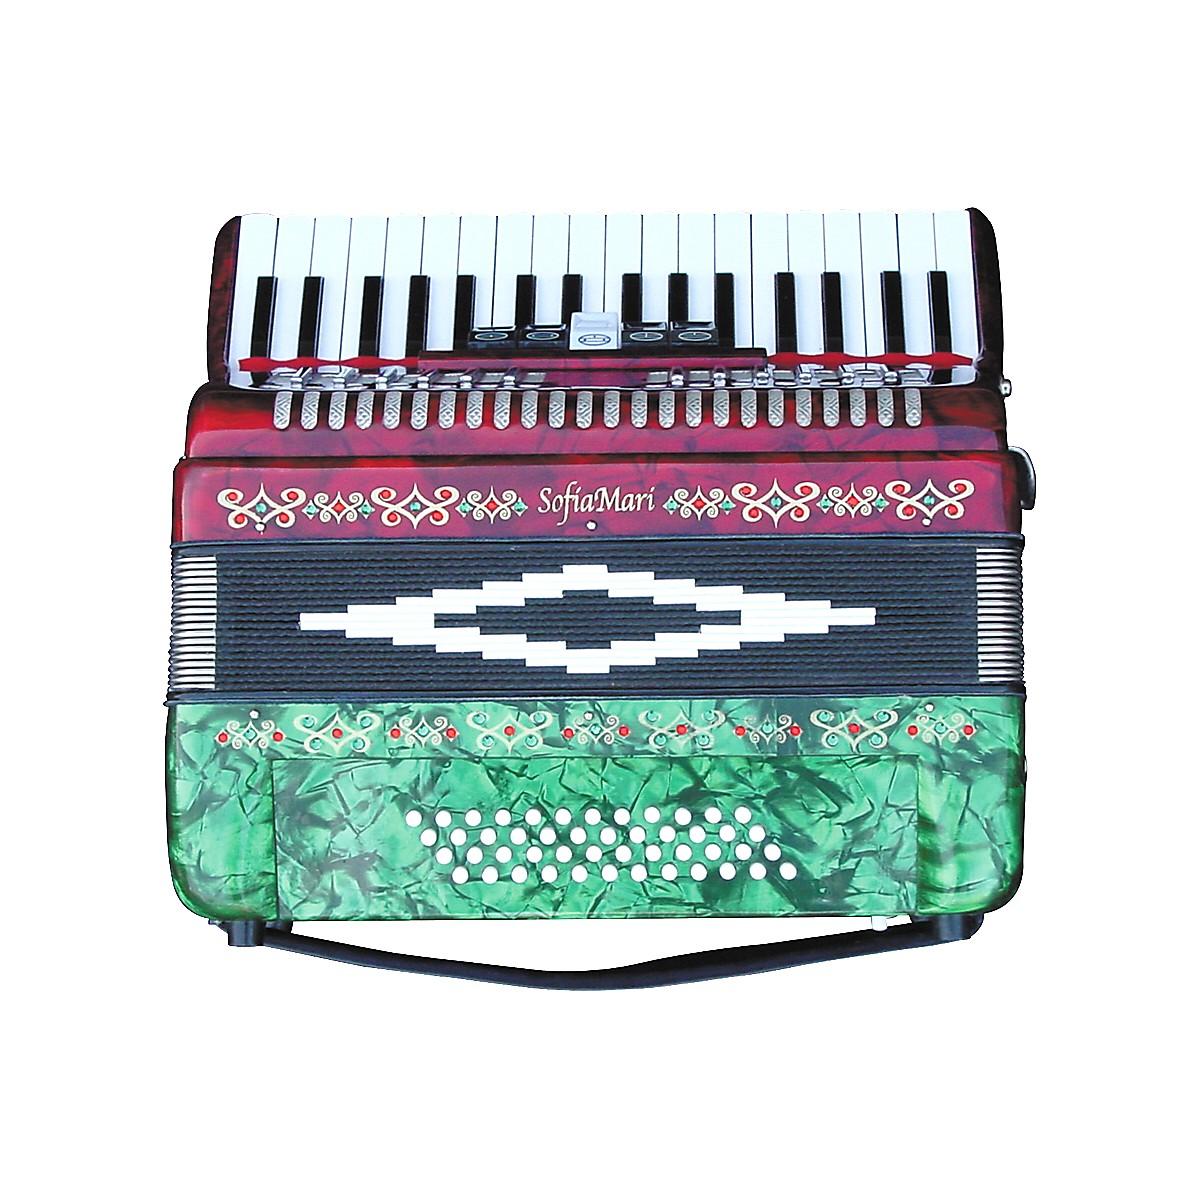 SofiaMari SM-3448 34 Piano 48-Bass Accordion